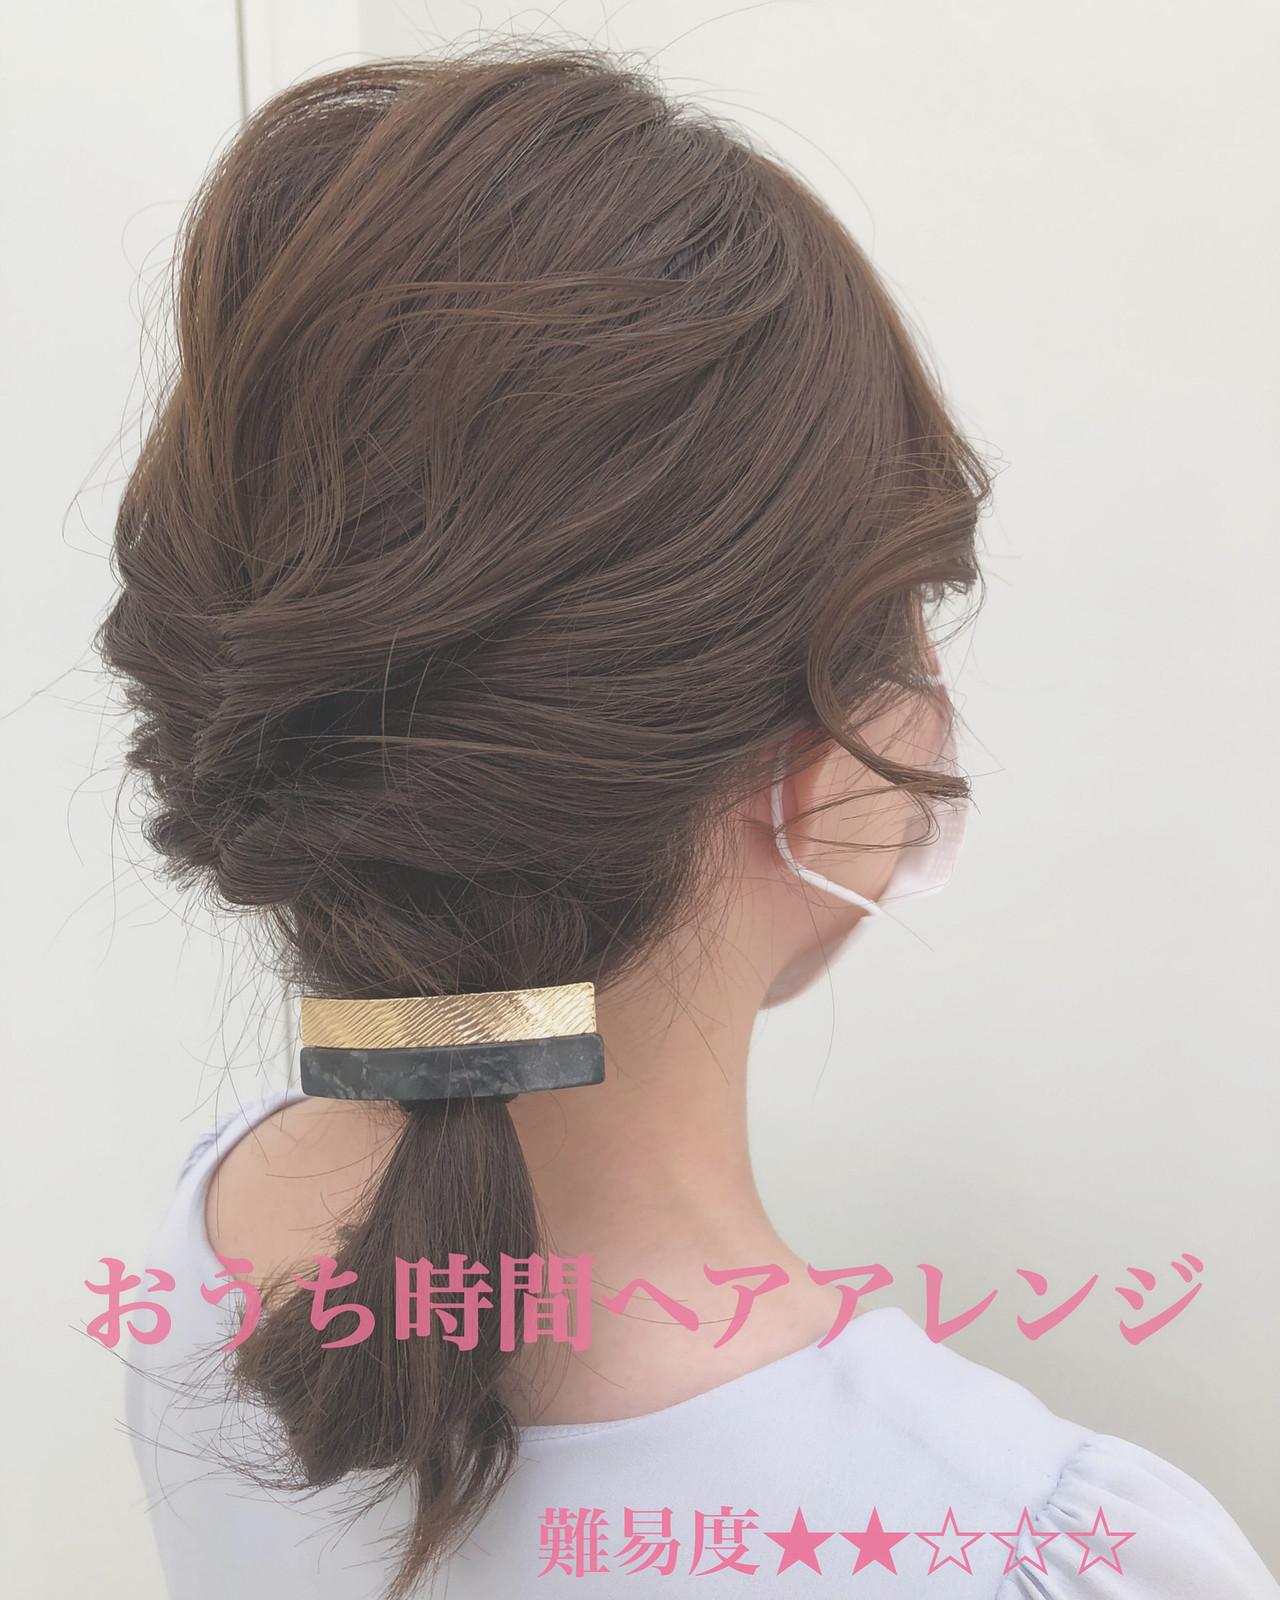 くるりんぱ セルフヘアアレンジ 簡単ヘアアレンジ ミディアム ヘアスタイルや髪型の写真・画像